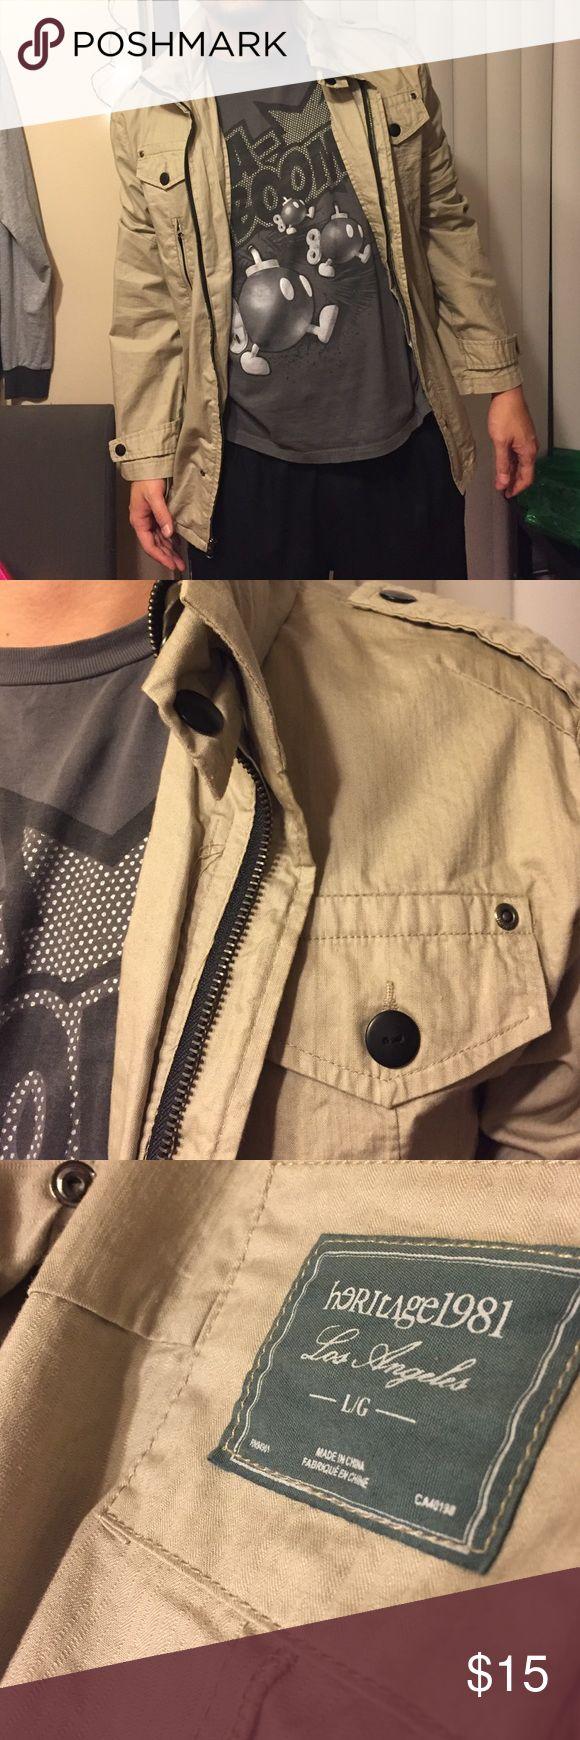 Heritage Zip Jacket with Pocket Hood Heritage 1981 light weight zip up jacket from Forever 21 Men. Tan with black metal elements. Pocket hoodie hidden in collar. Men's L // Women's L-XL. Heritage 1981 Jackets & Coats